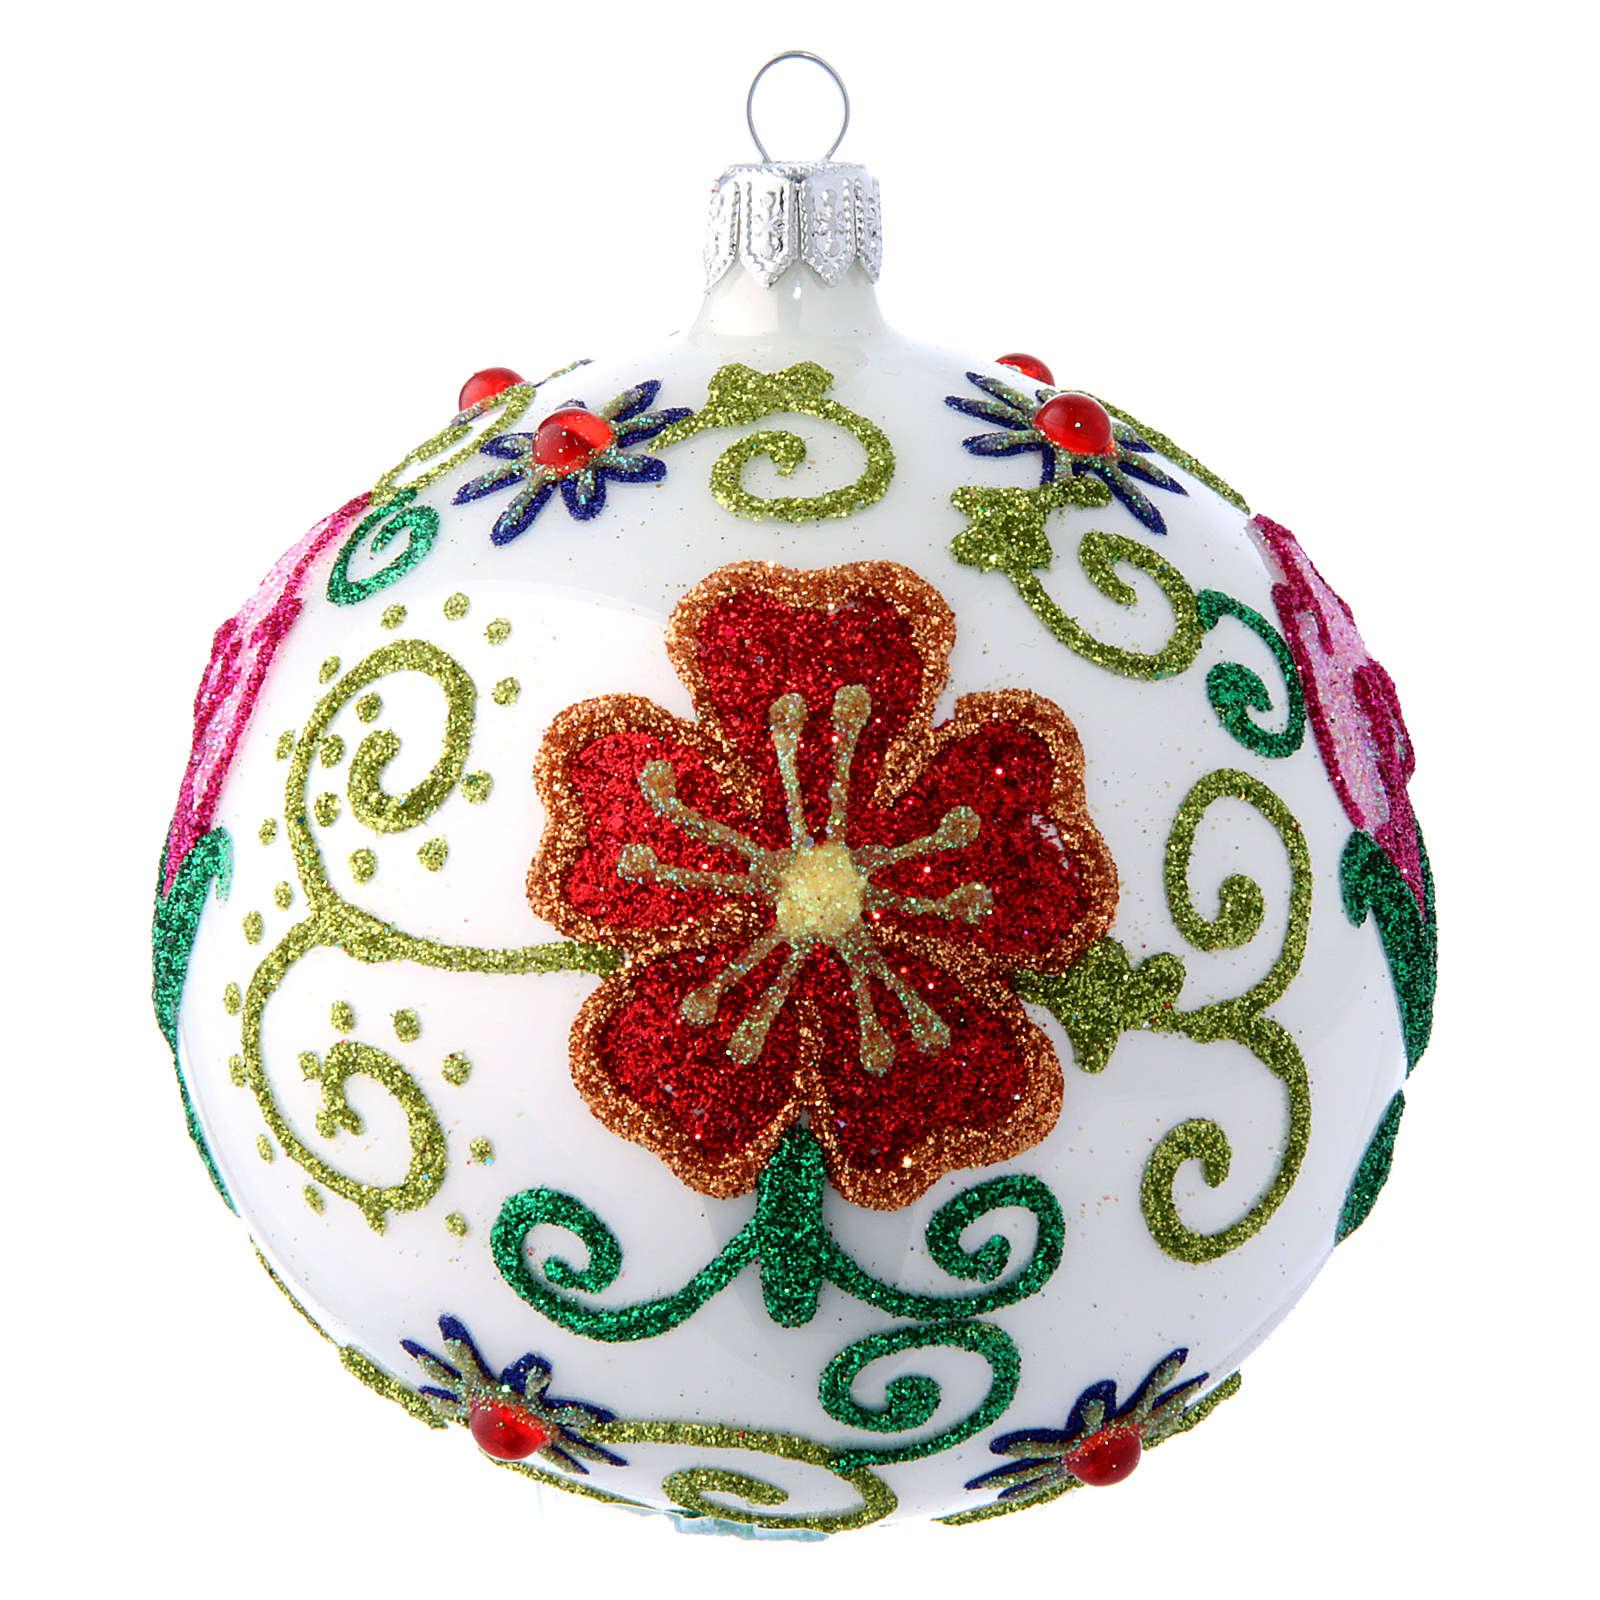 Pallina vetro bianco lucido con decori floreali multicolor 100 mm 4